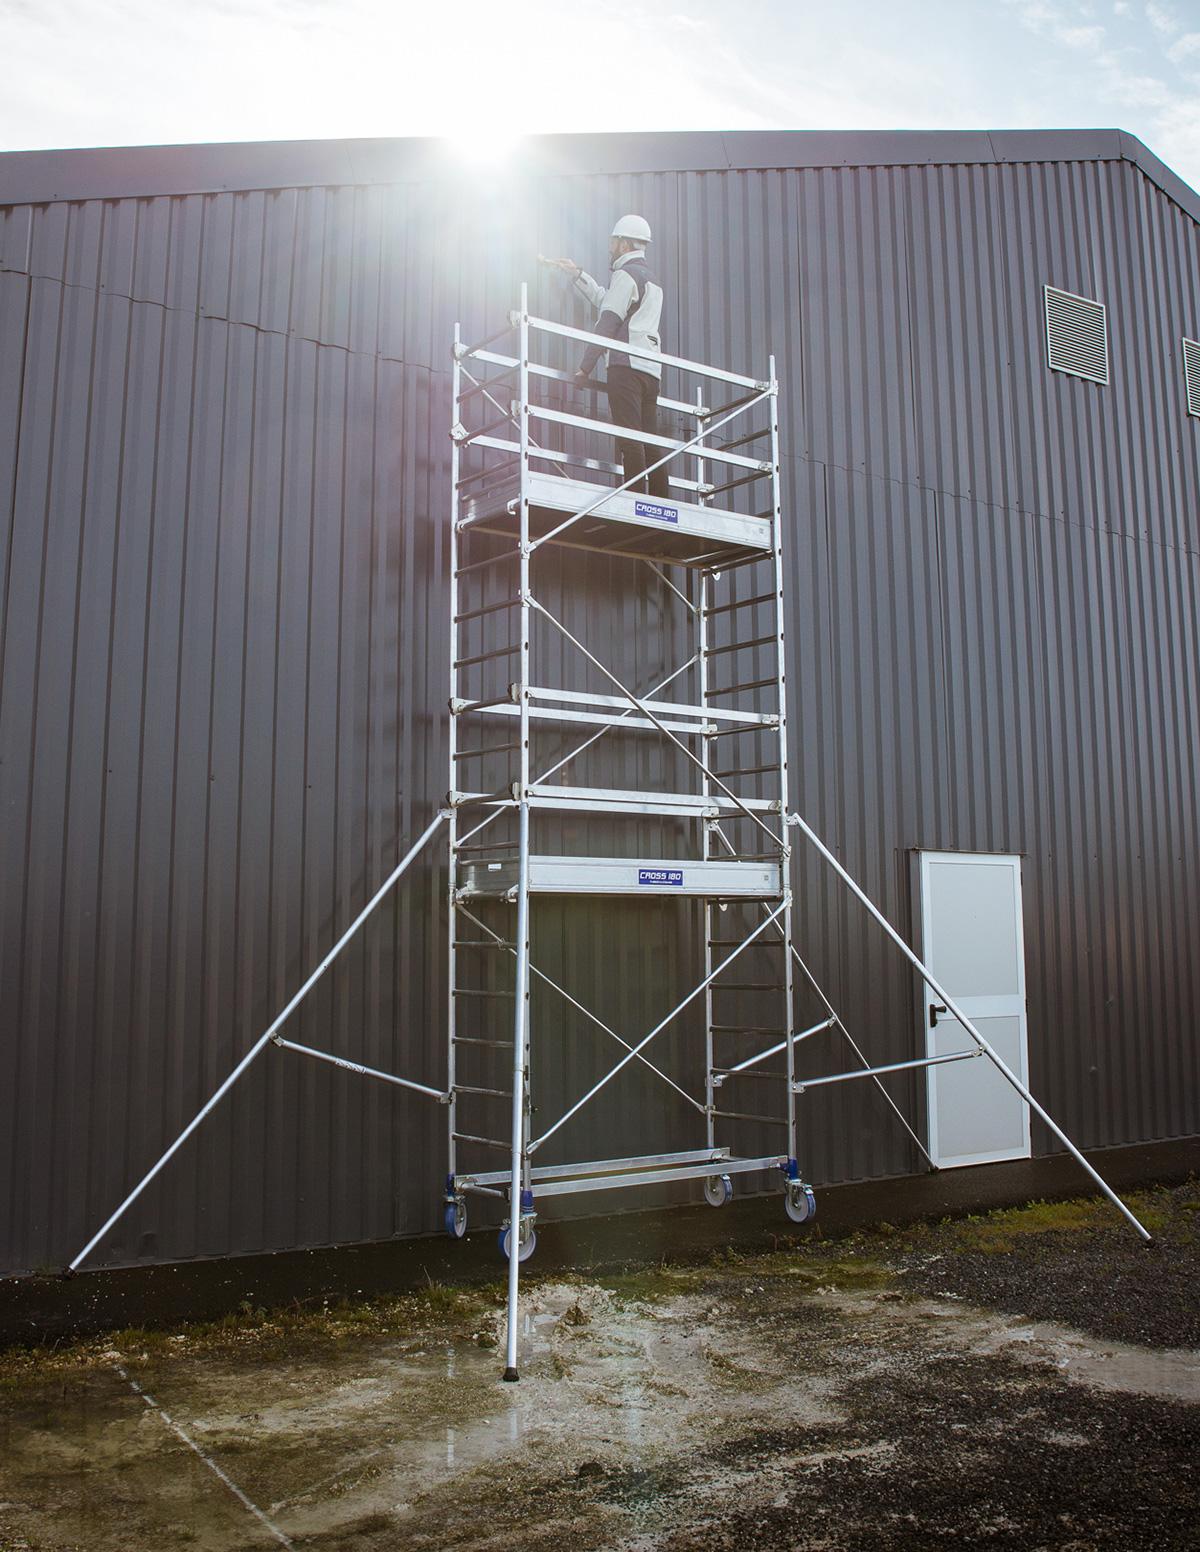 echafaudages roulants 0 a 10 m echelles fabricant passerelles marchepieds echafaudages. Black Bedroom Furniture Sets. Home Design Ideas